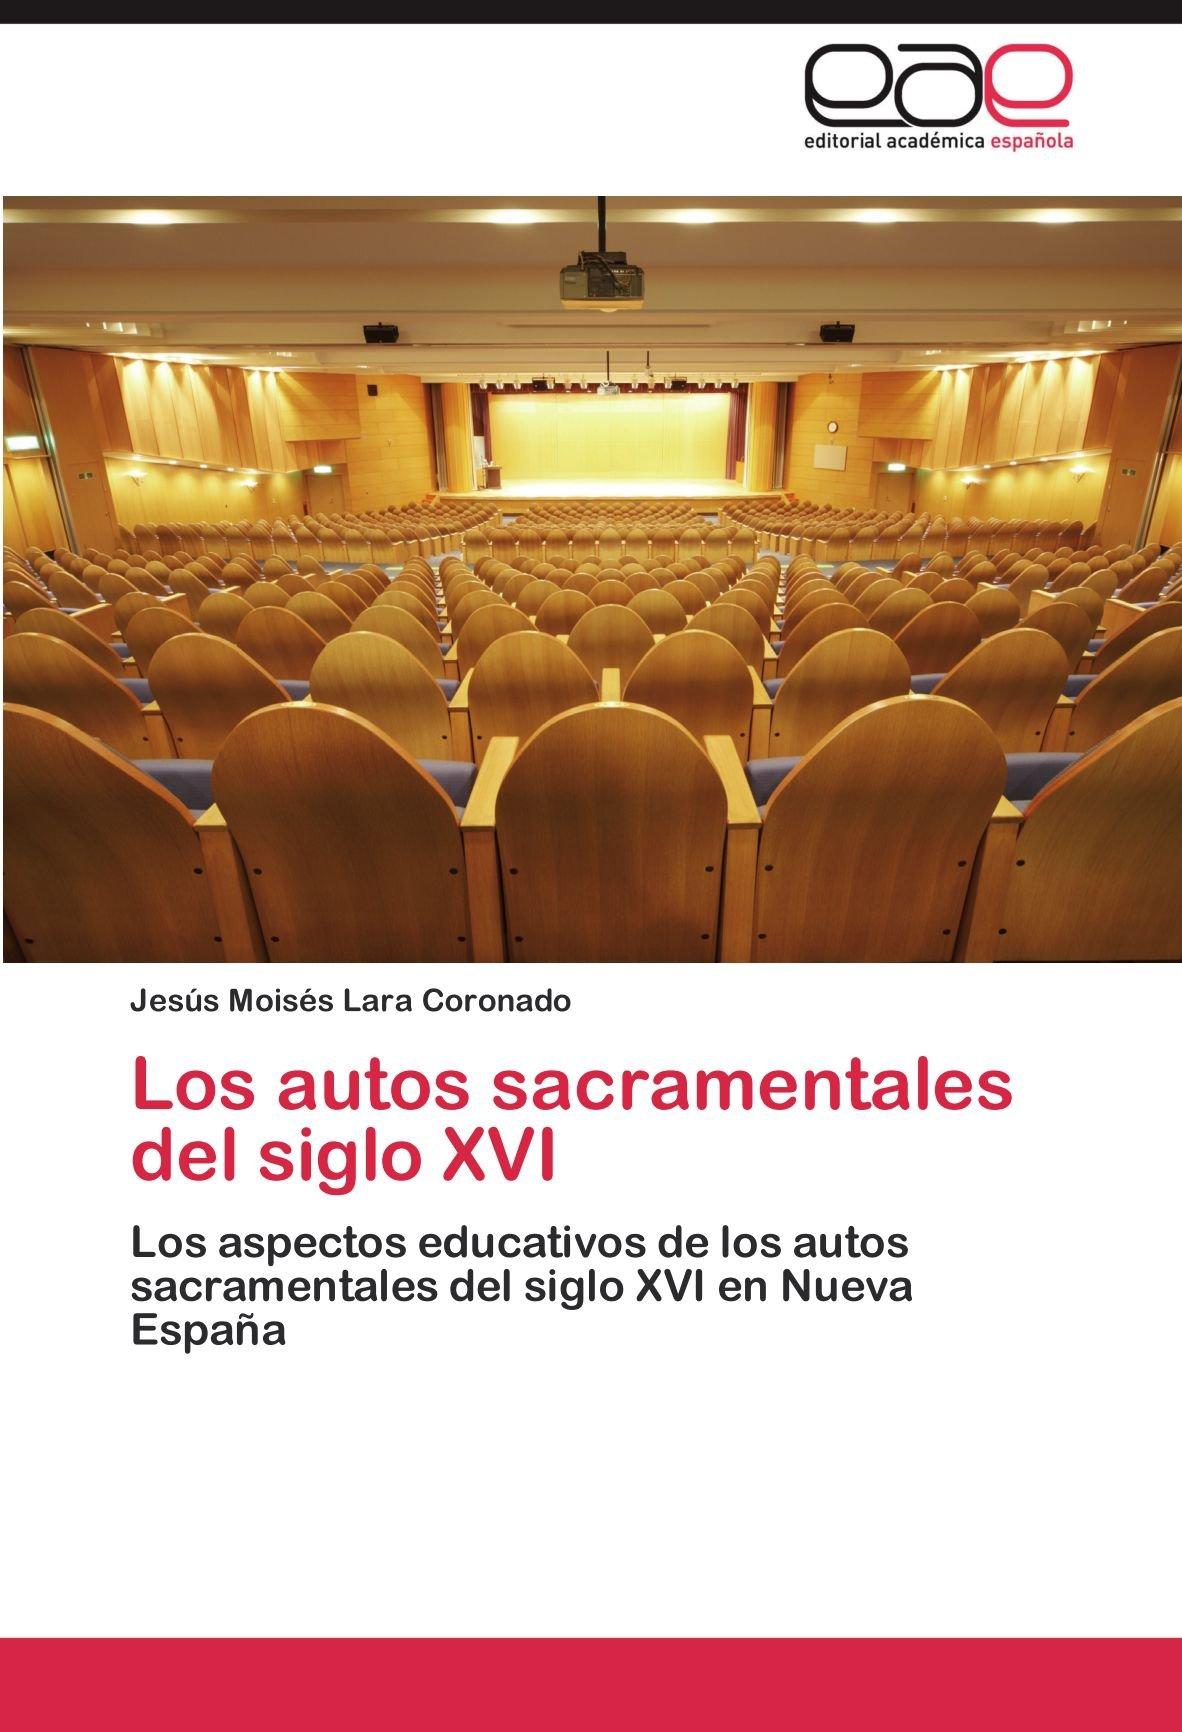 Los autos sacramentales del siglo XVI: Los aspectos educativos de los autos sacramentales del siglo XVI en Nueva España (Spanish Edition) PDF